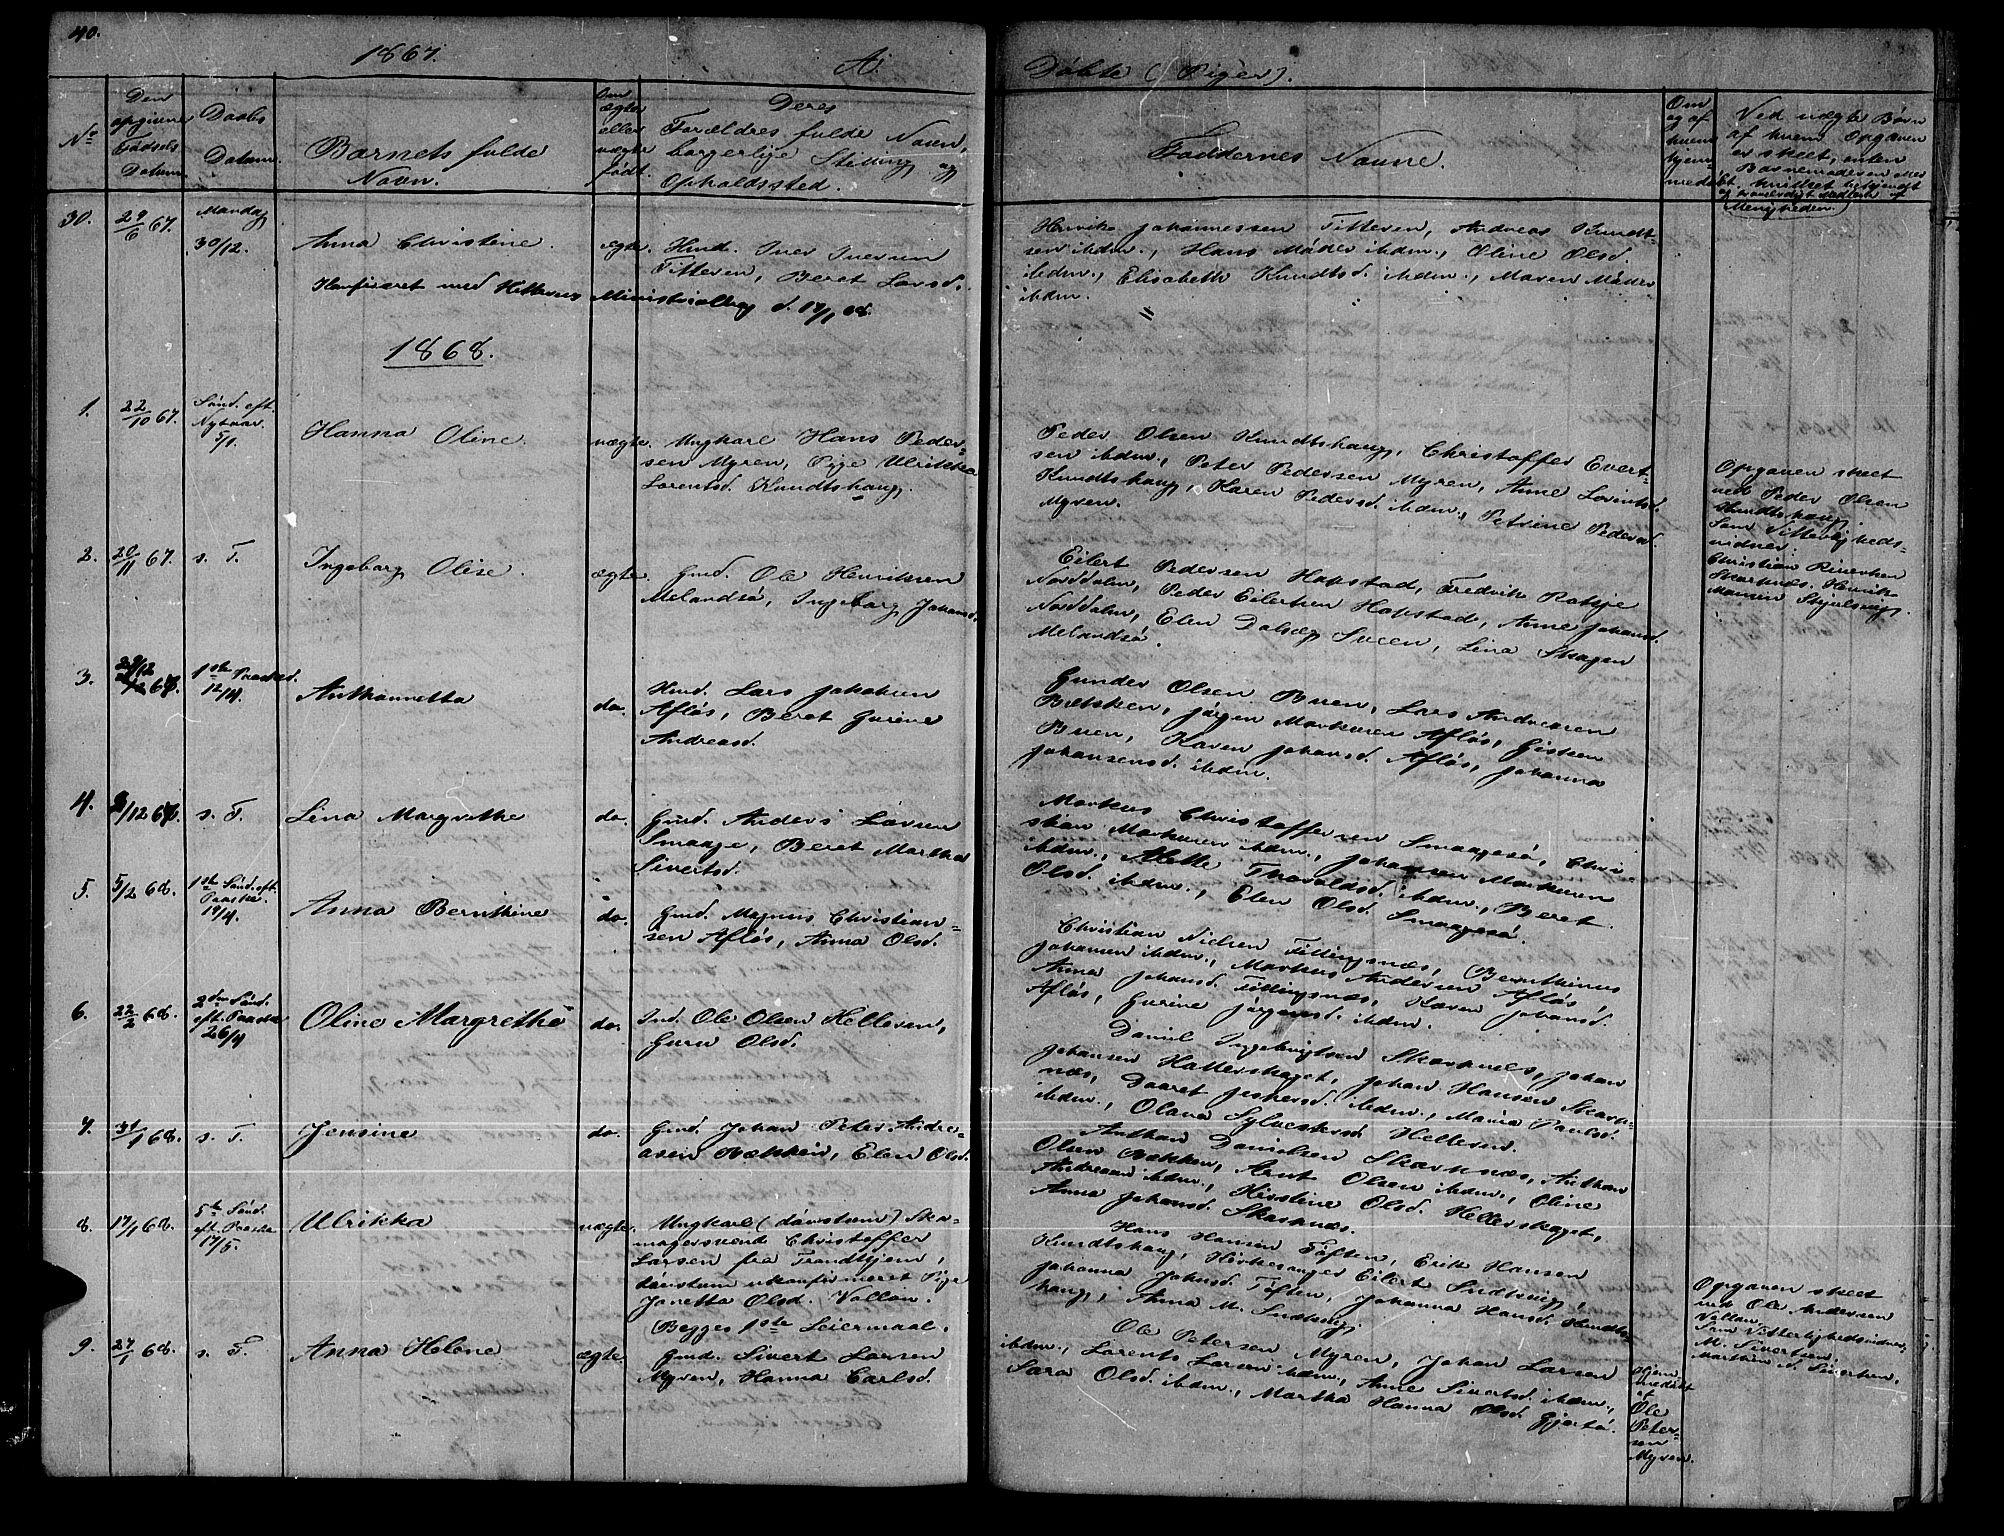 SAT, Ministerialprotokoller, klokkerbøker og fødselsregistre - Sør-Trøndelag, 634/L0539: Klokkerbok nr. 634C01, 1866-1873, s. 40